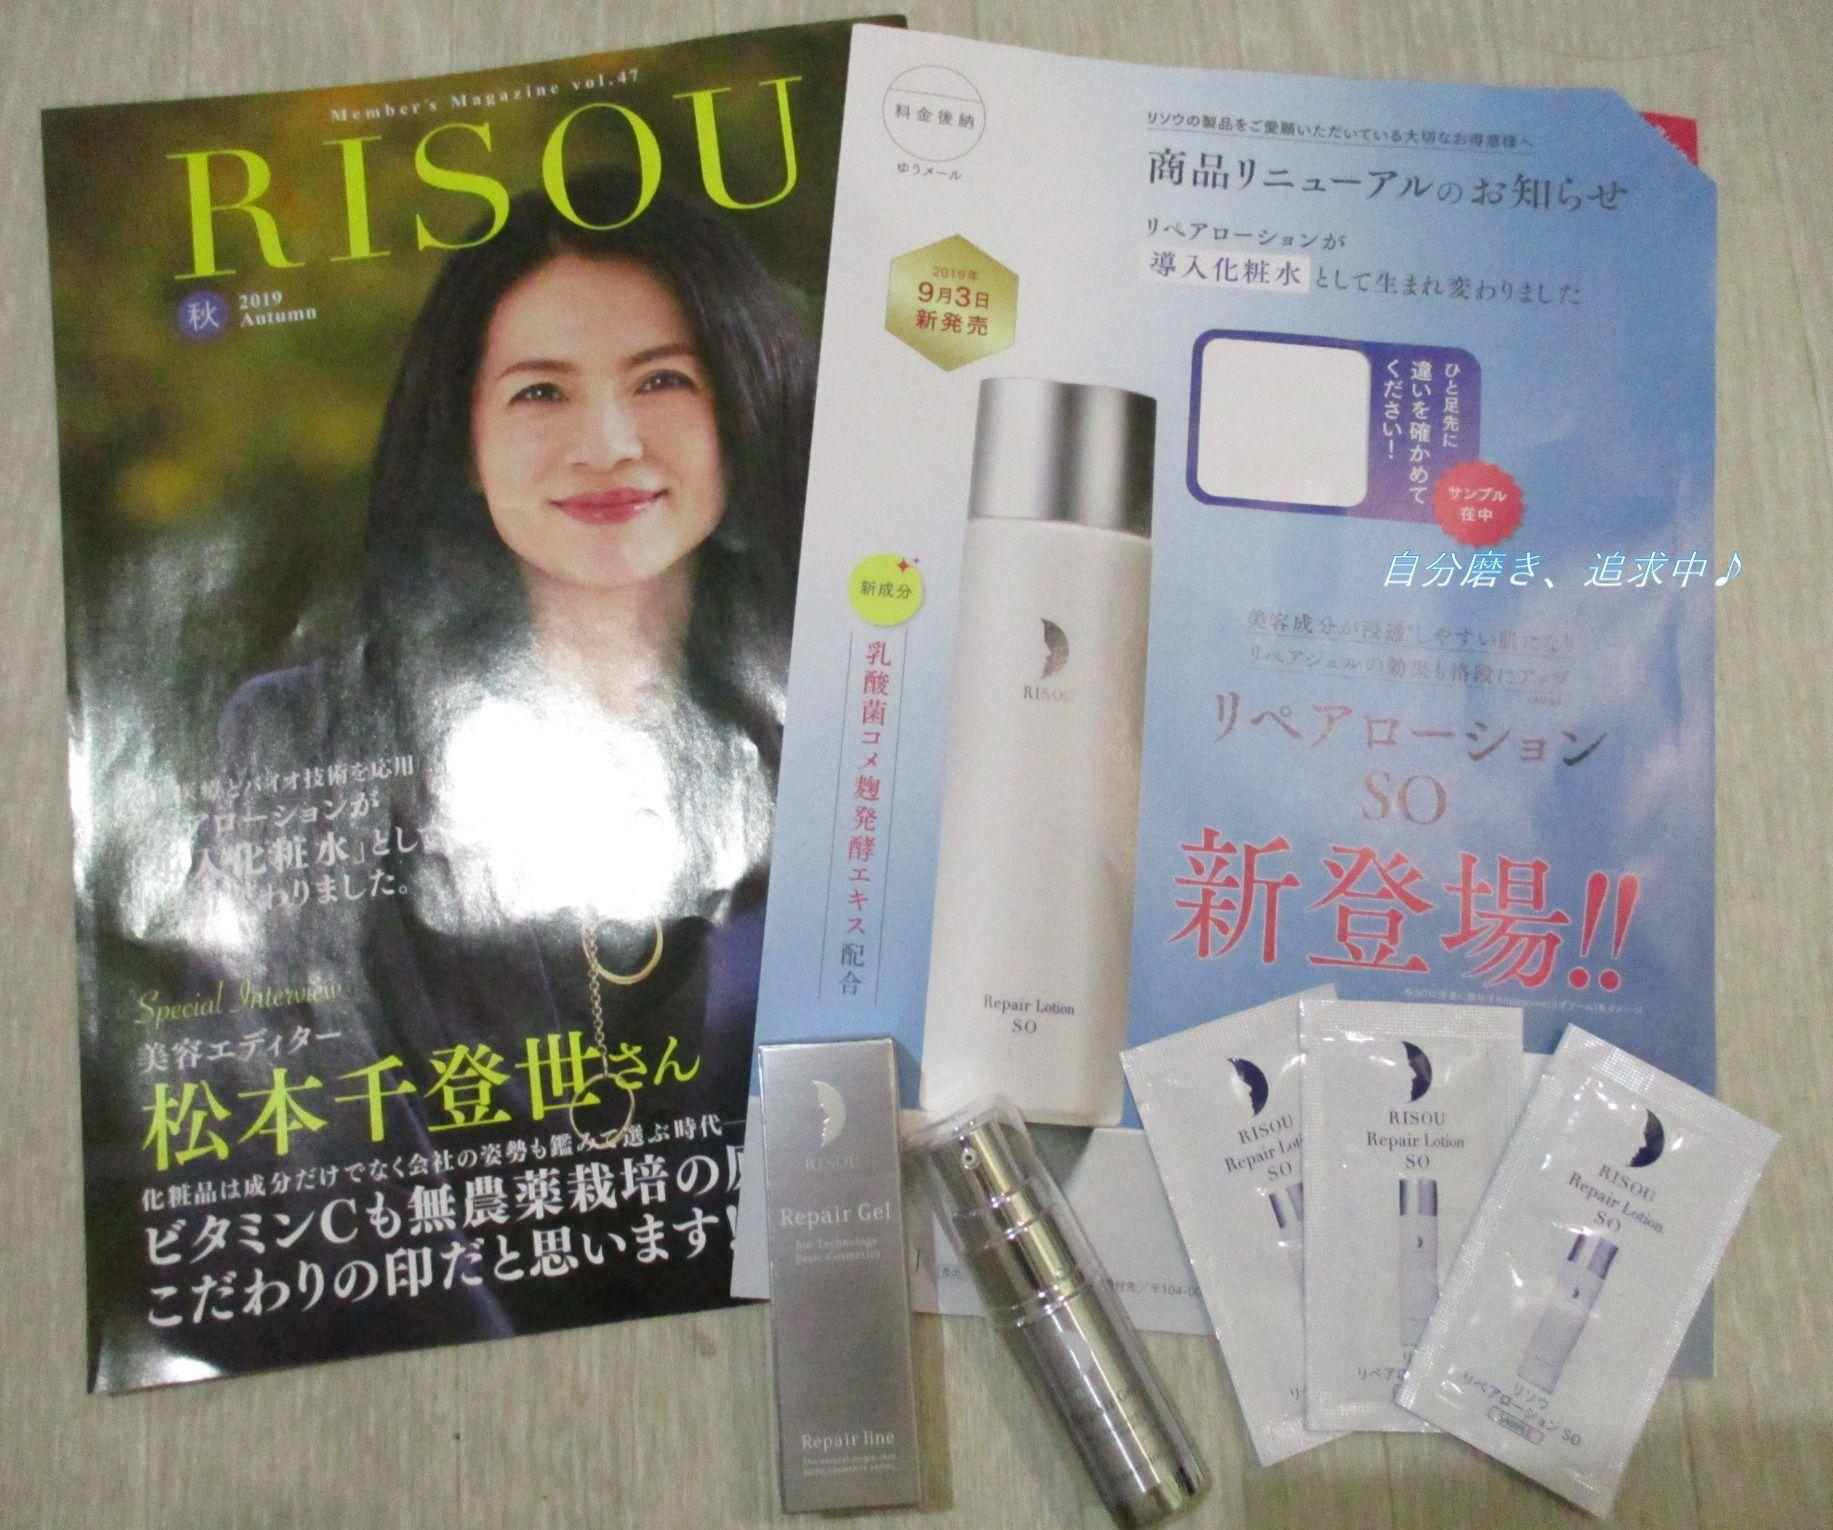 risou201912.jpg